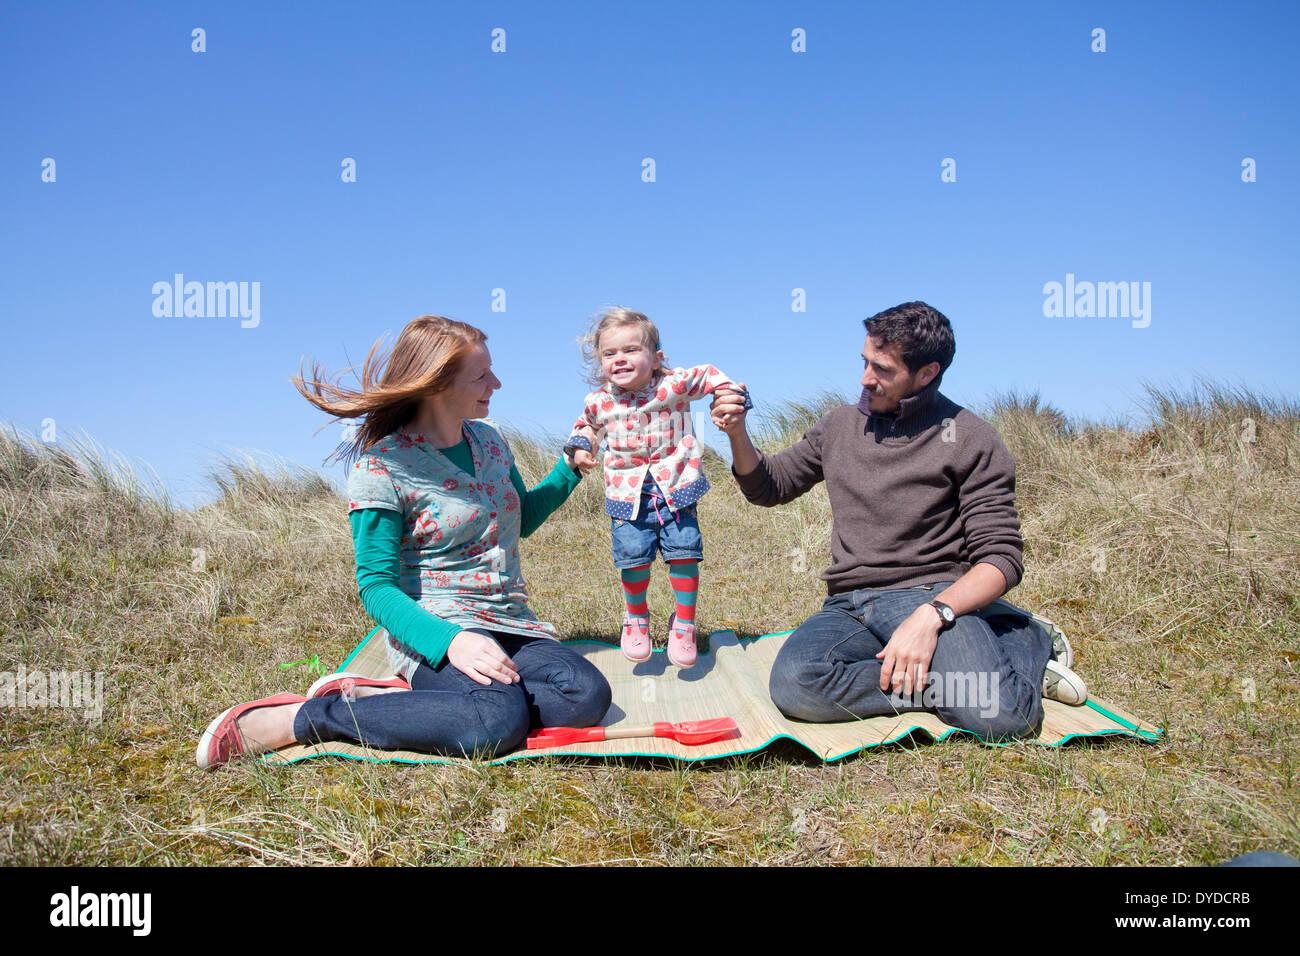 Une jeune famille s'amusant sur les dunes de sable de Horsey plage sur la côte de Norfolk. Photo Stock